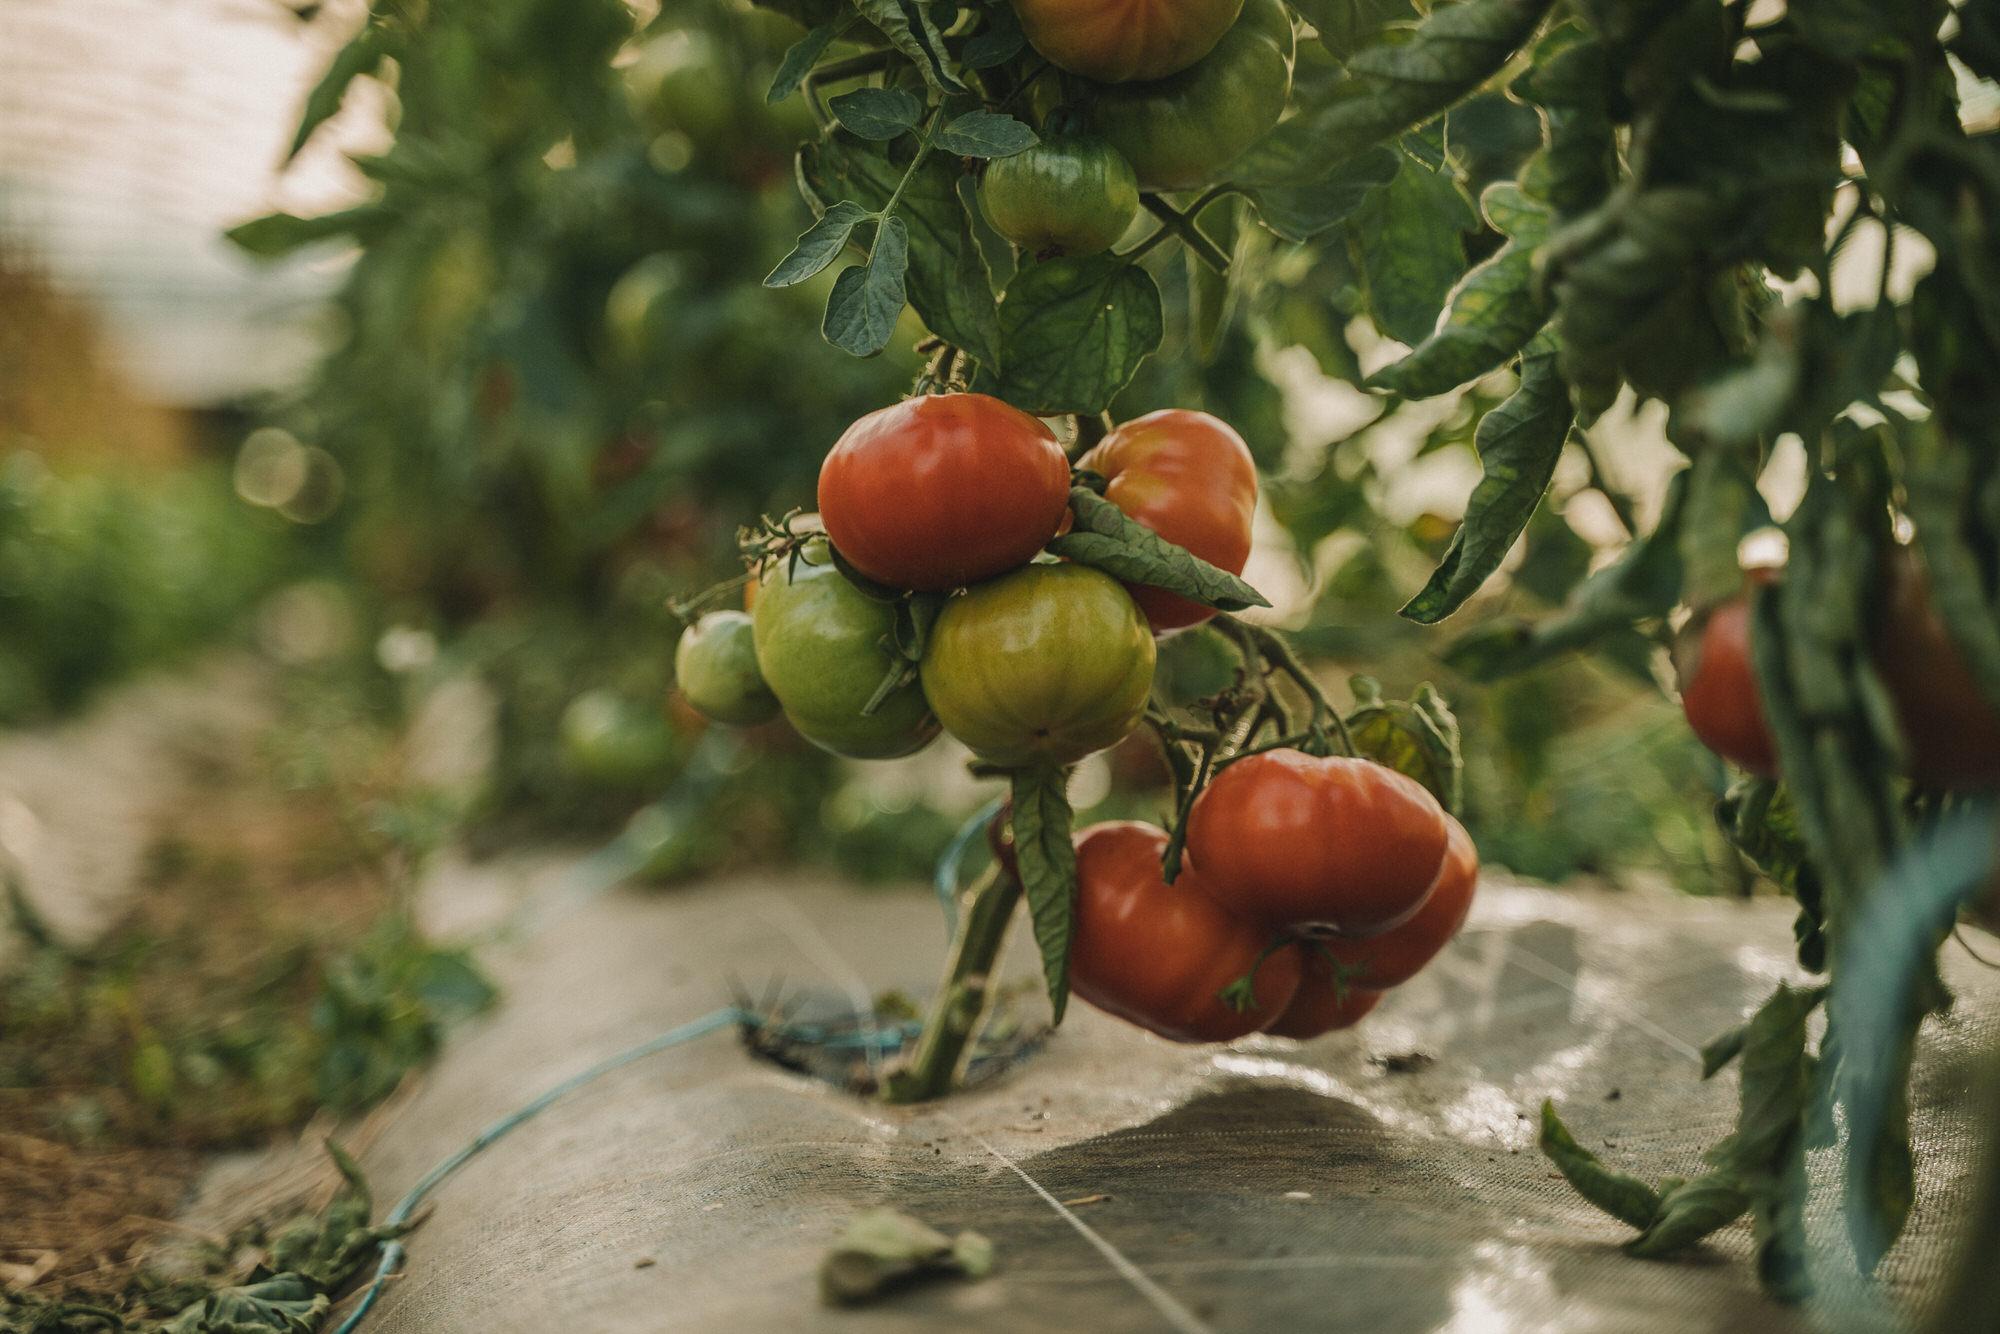 Reportage Photo Brest 20200713 04825 Les Jardins De Kerlomann Légumes Anciens Et Bio En Bretagne Www.antoineborzeix.fr , Photographe & Videaste à Brest / Finistère